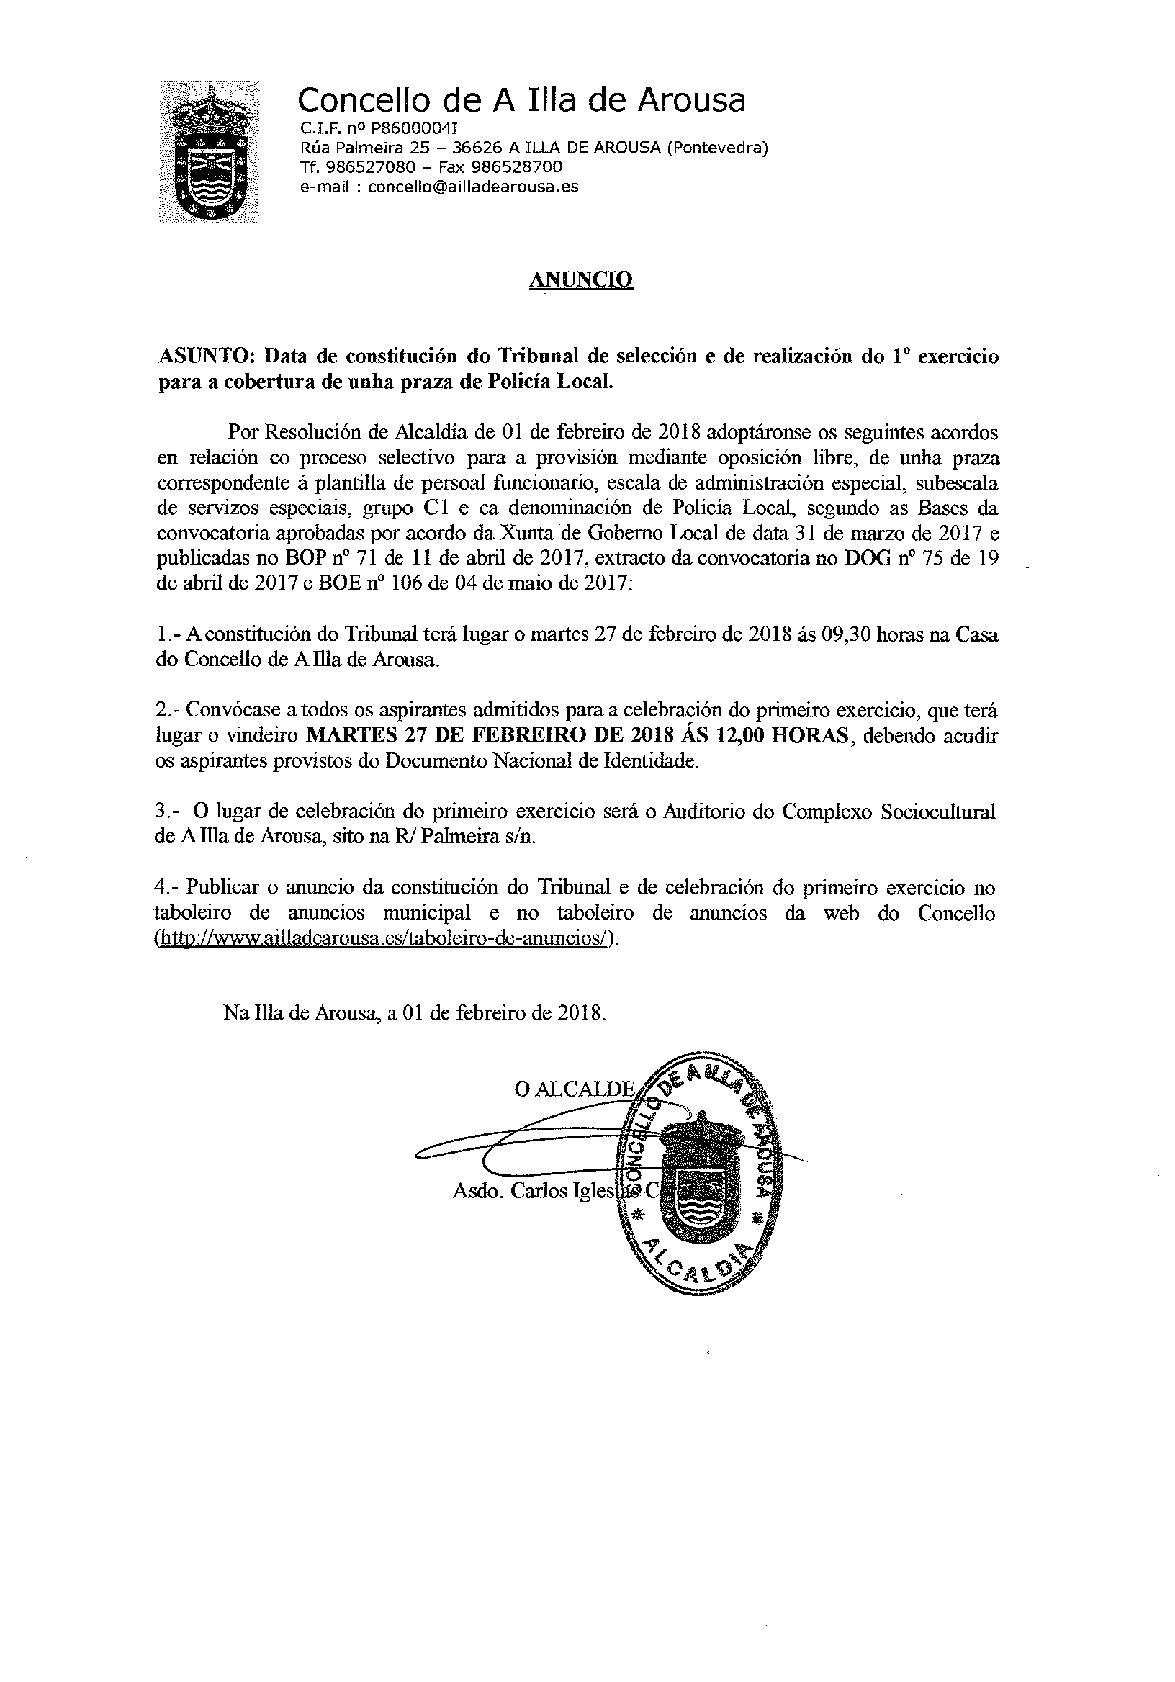 CONSTITUCIÓN TRIBUNAL DE SELECCIÓN PARA O 1º EXERCICIO PRAZA POLICÍA LOCAL